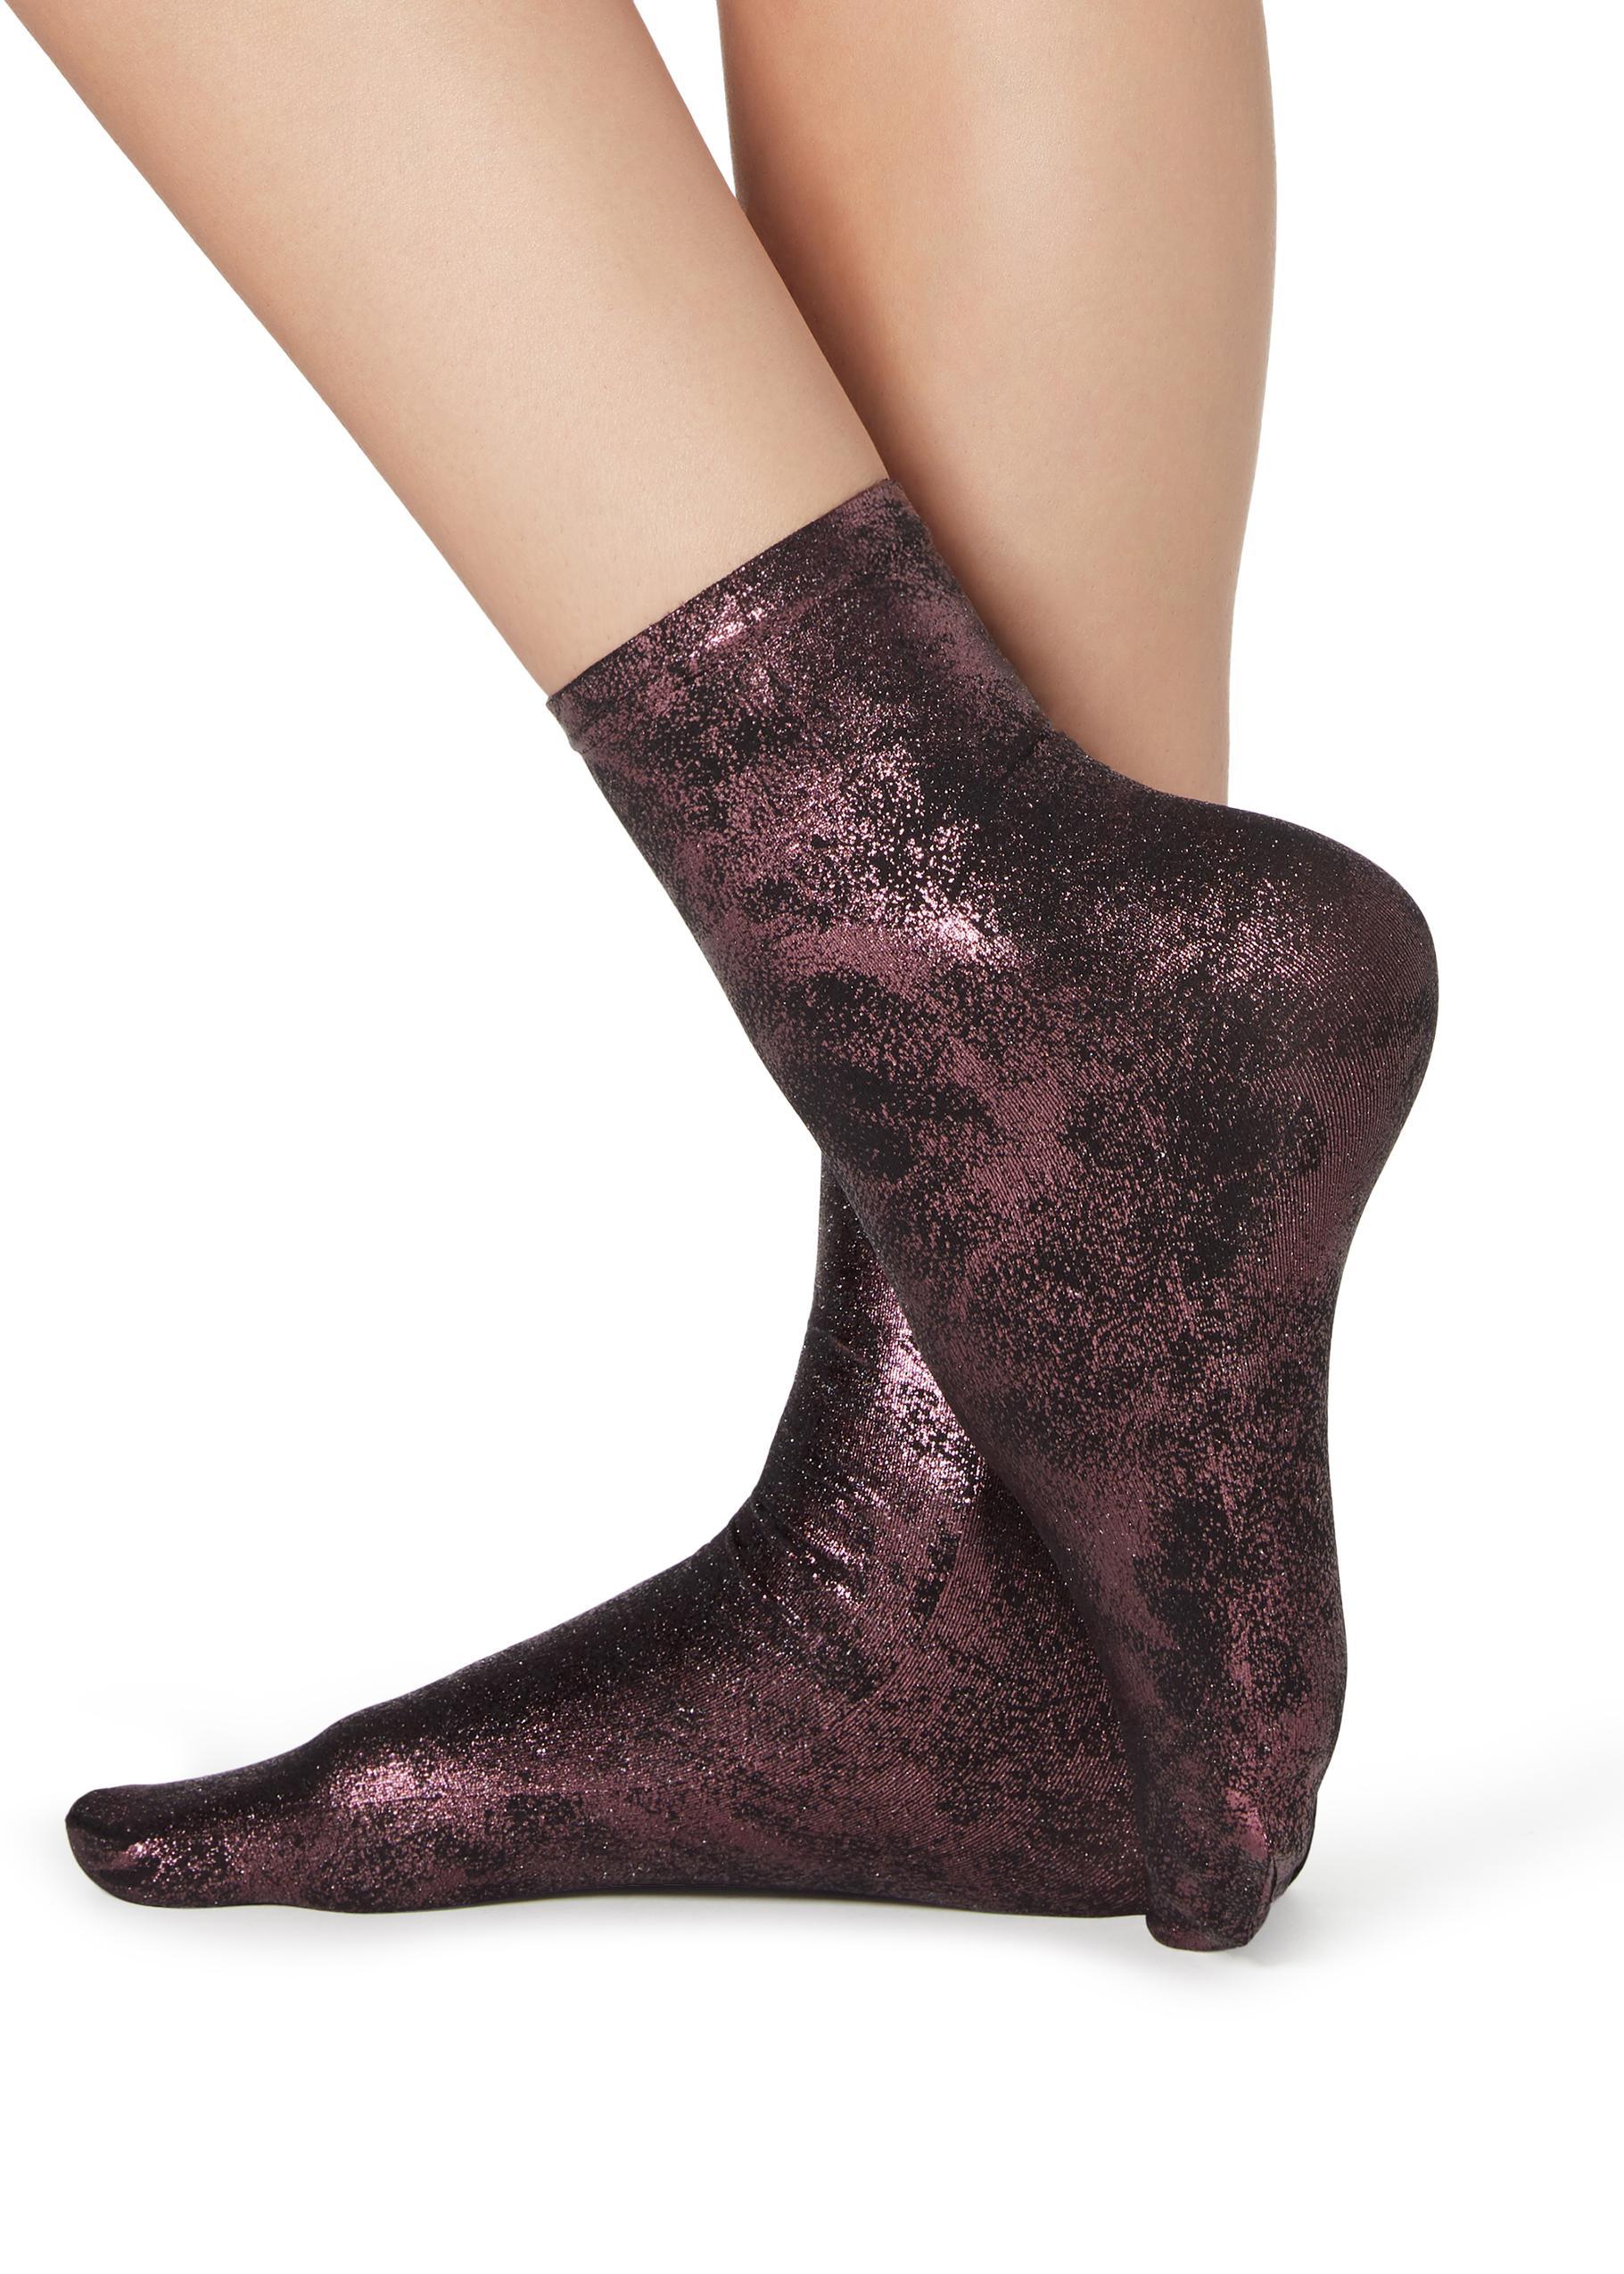 Bild von Kurze Fashion-Socken